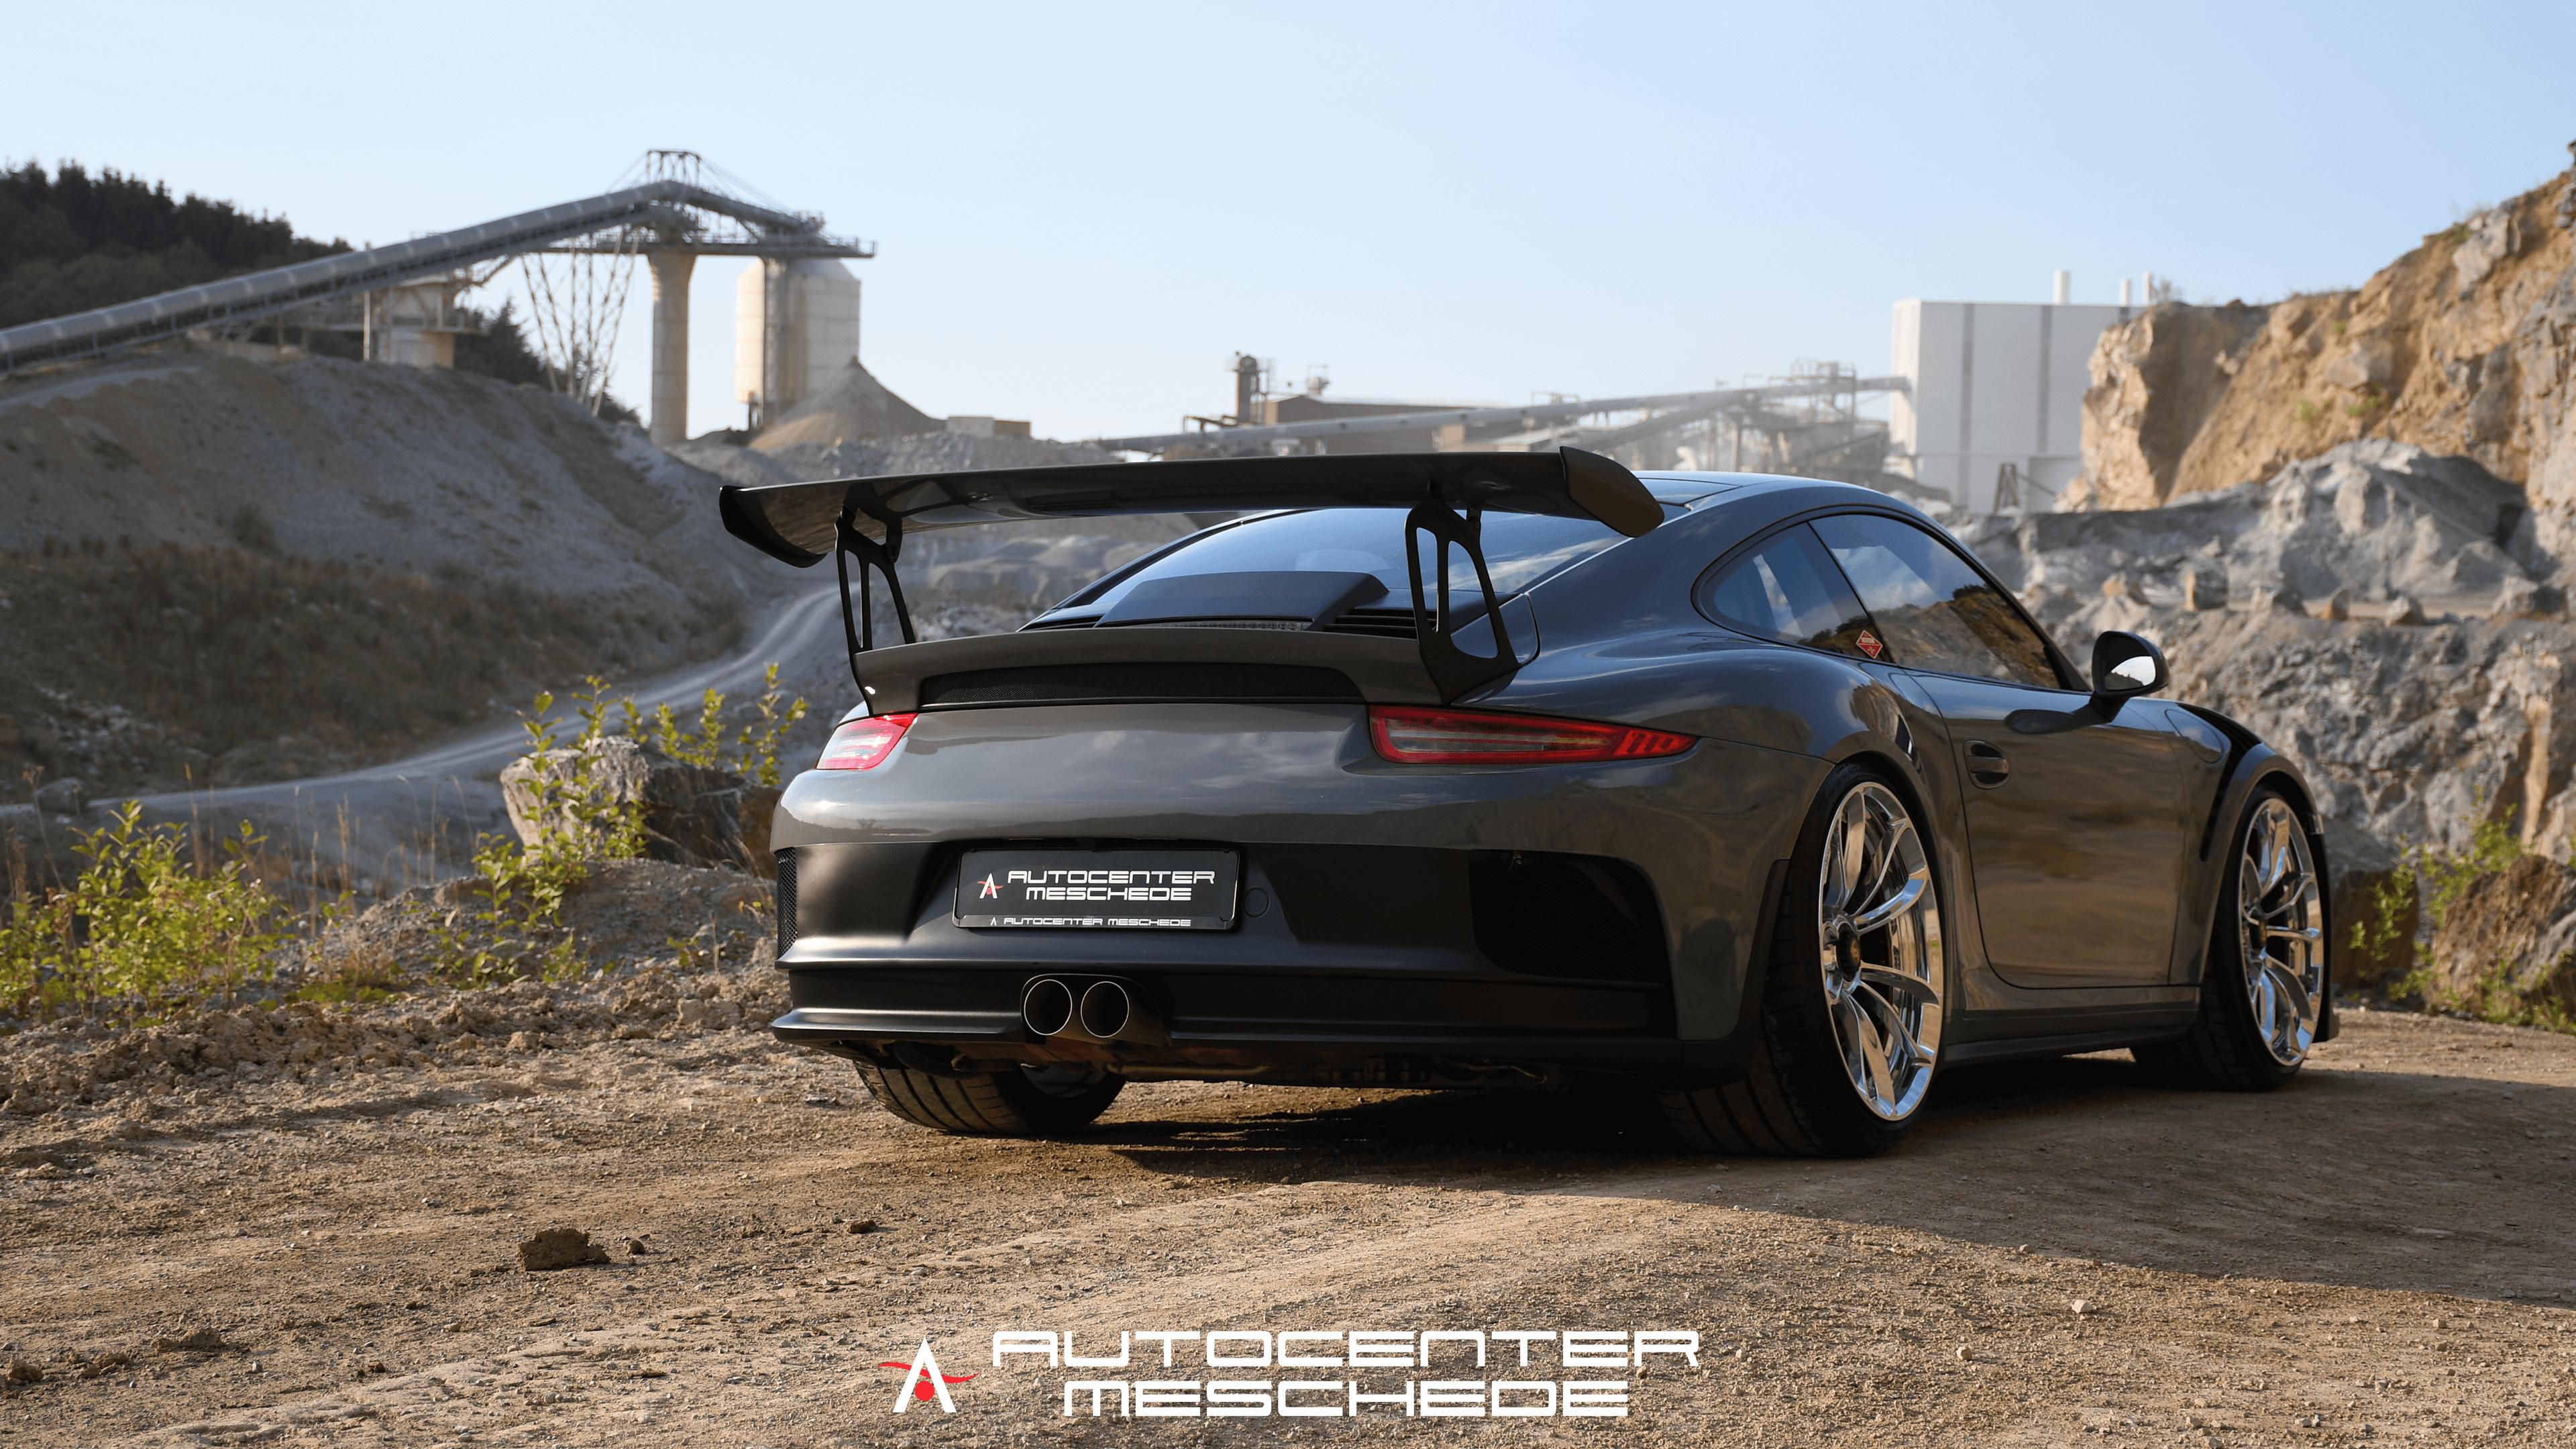 Wallpaper Porsche 991 Jp Performance Autocenter Meschede